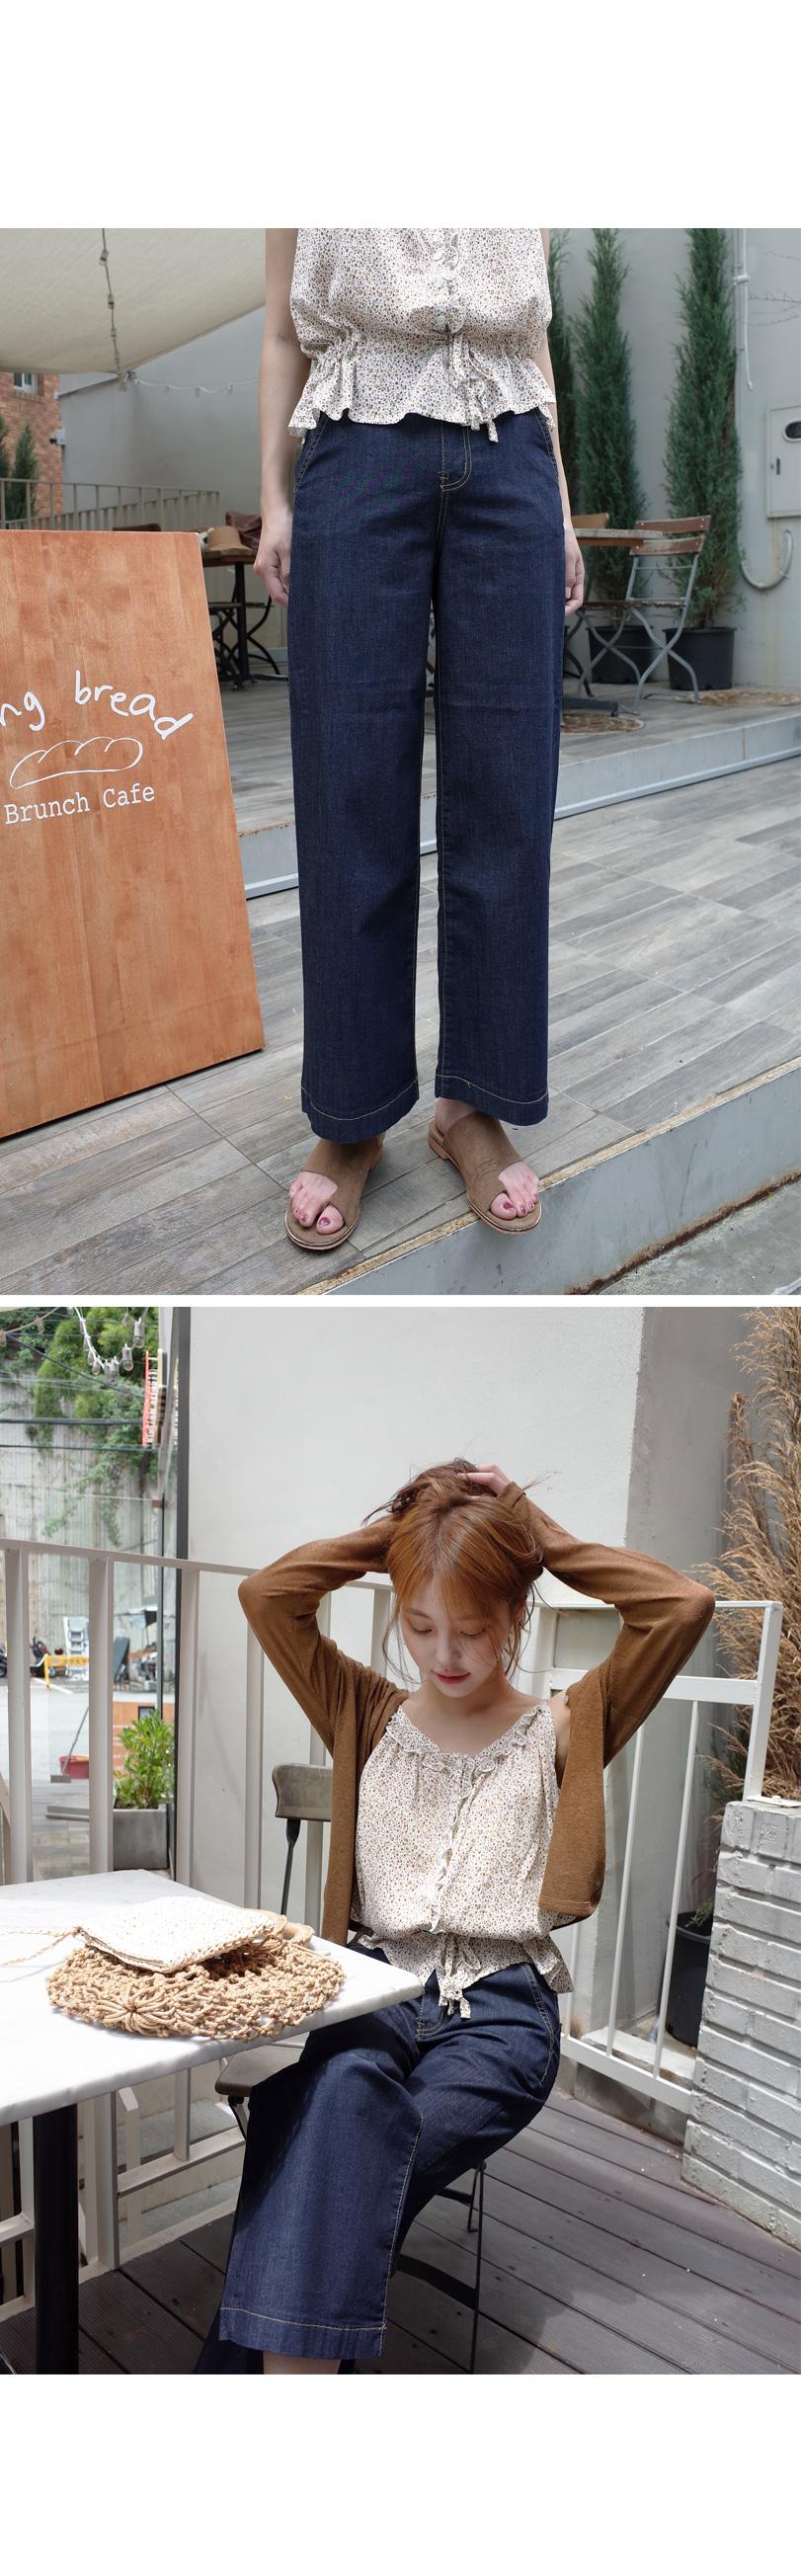 Soft texture denim pants